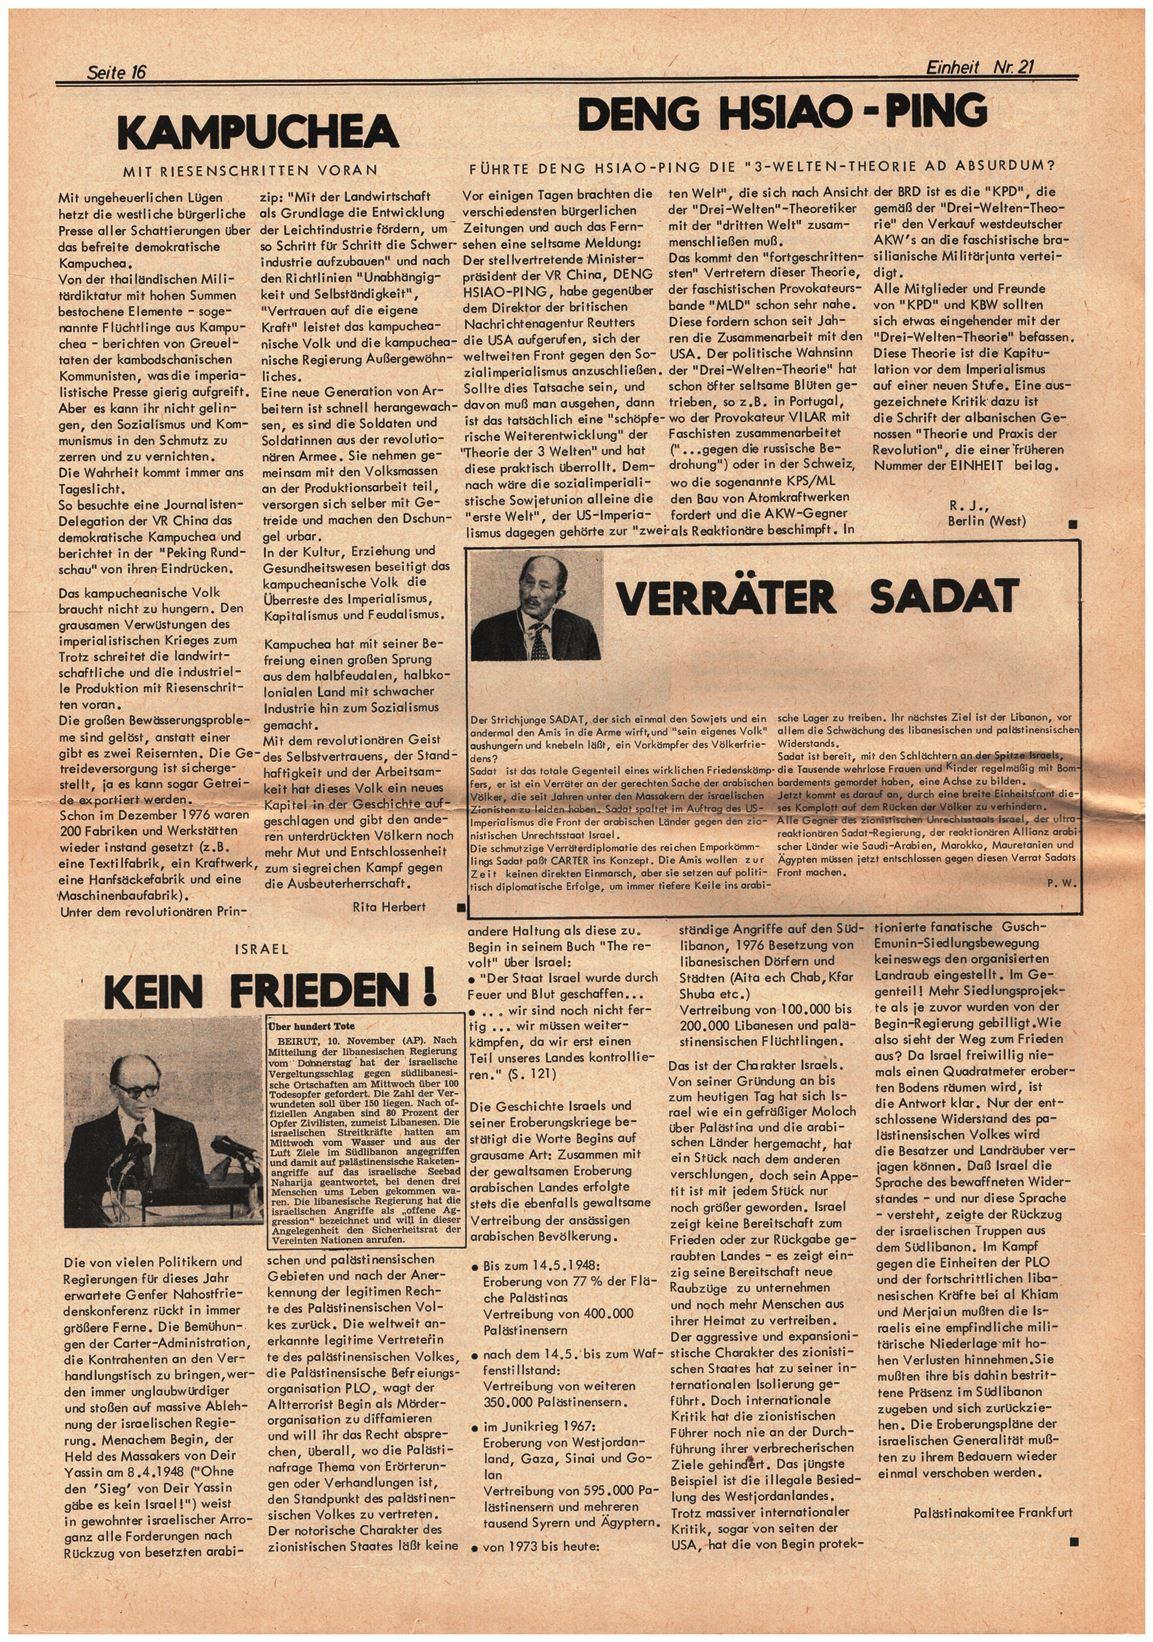 Koeln_IPdA_Einheit_1977_021_016